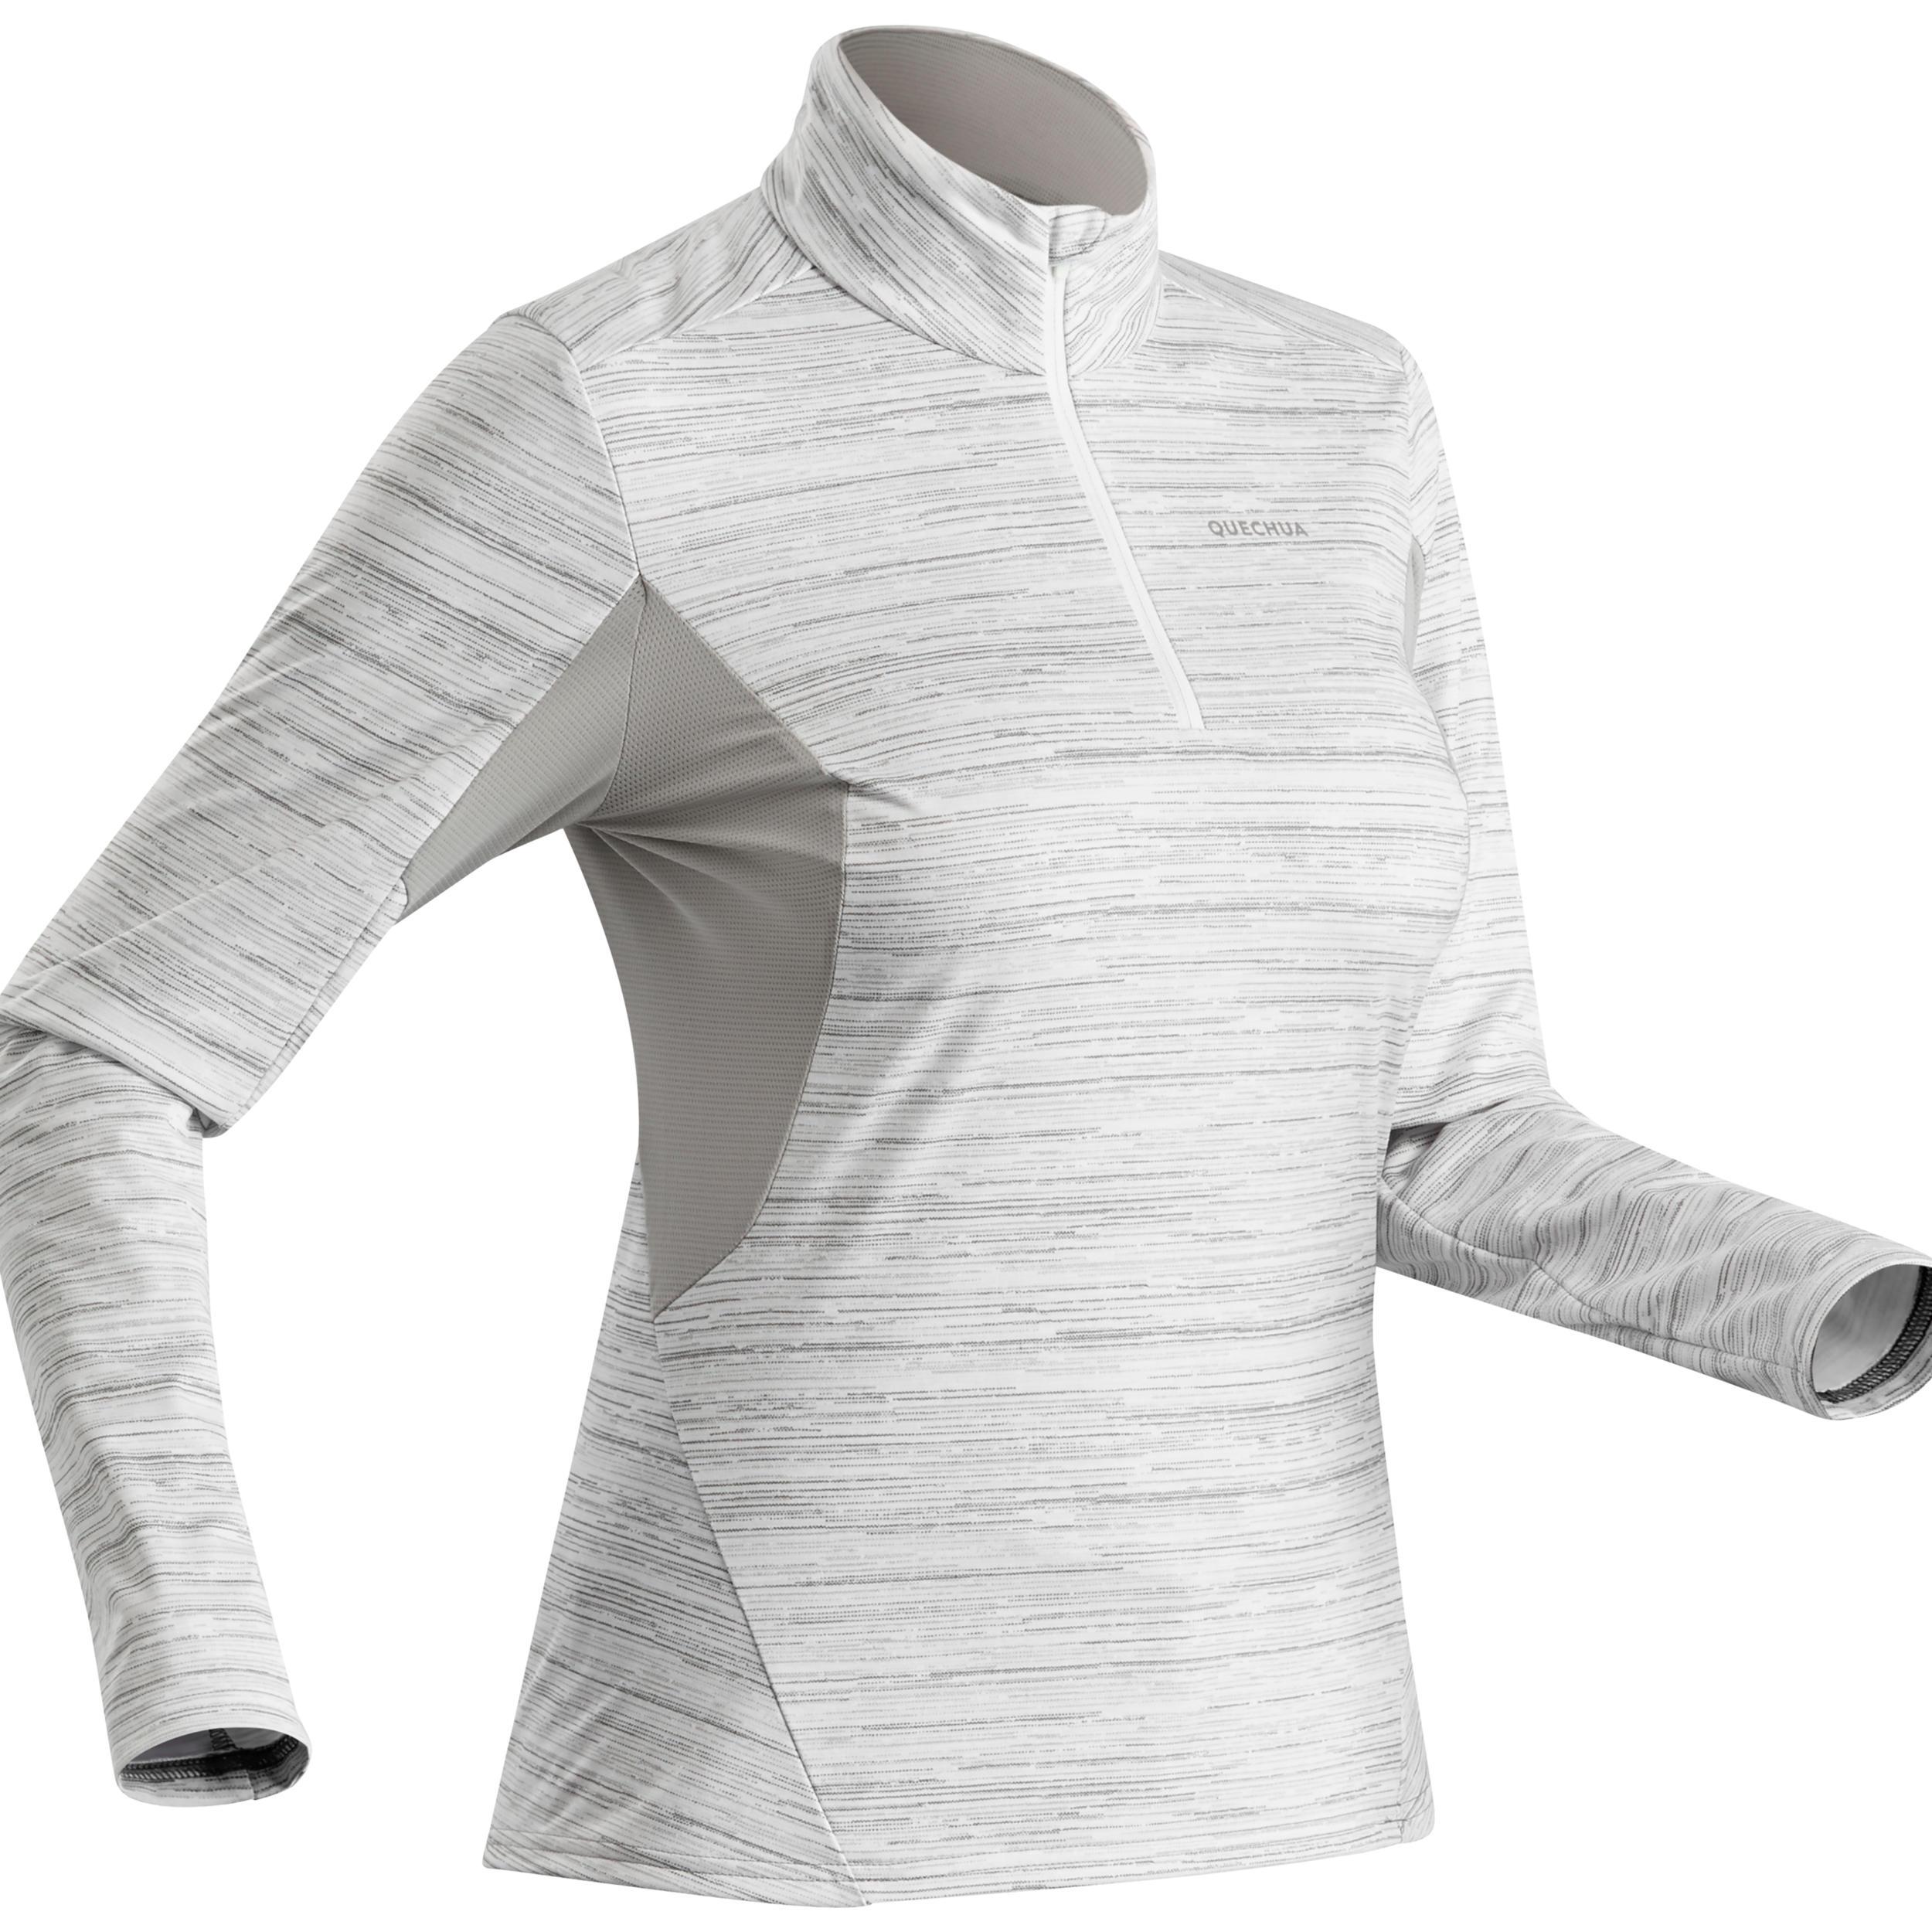 Tee shirt de randonnée neige manches longues femme sh500 warm blanc quechua